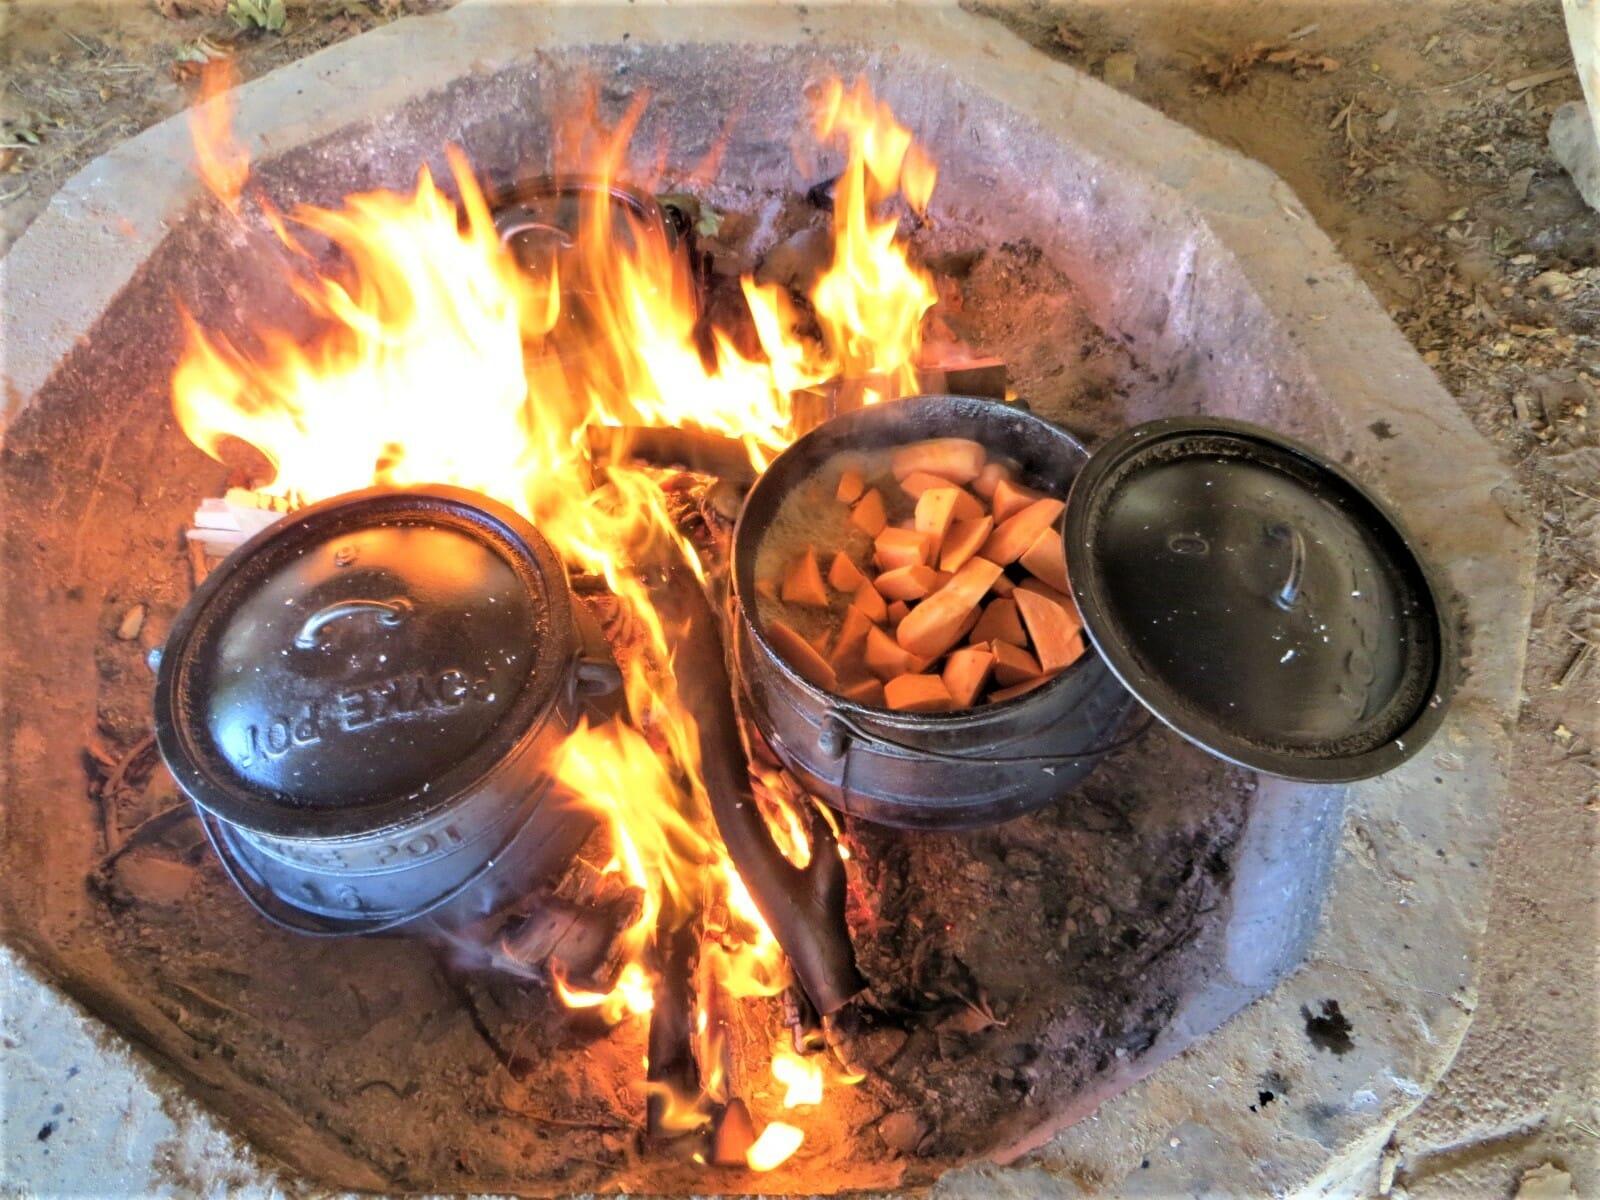 ארוחת צהרים פוייקה בשביל הסלט תלמי יוסף, מנהלים מקיבוץ מעלה החמישה